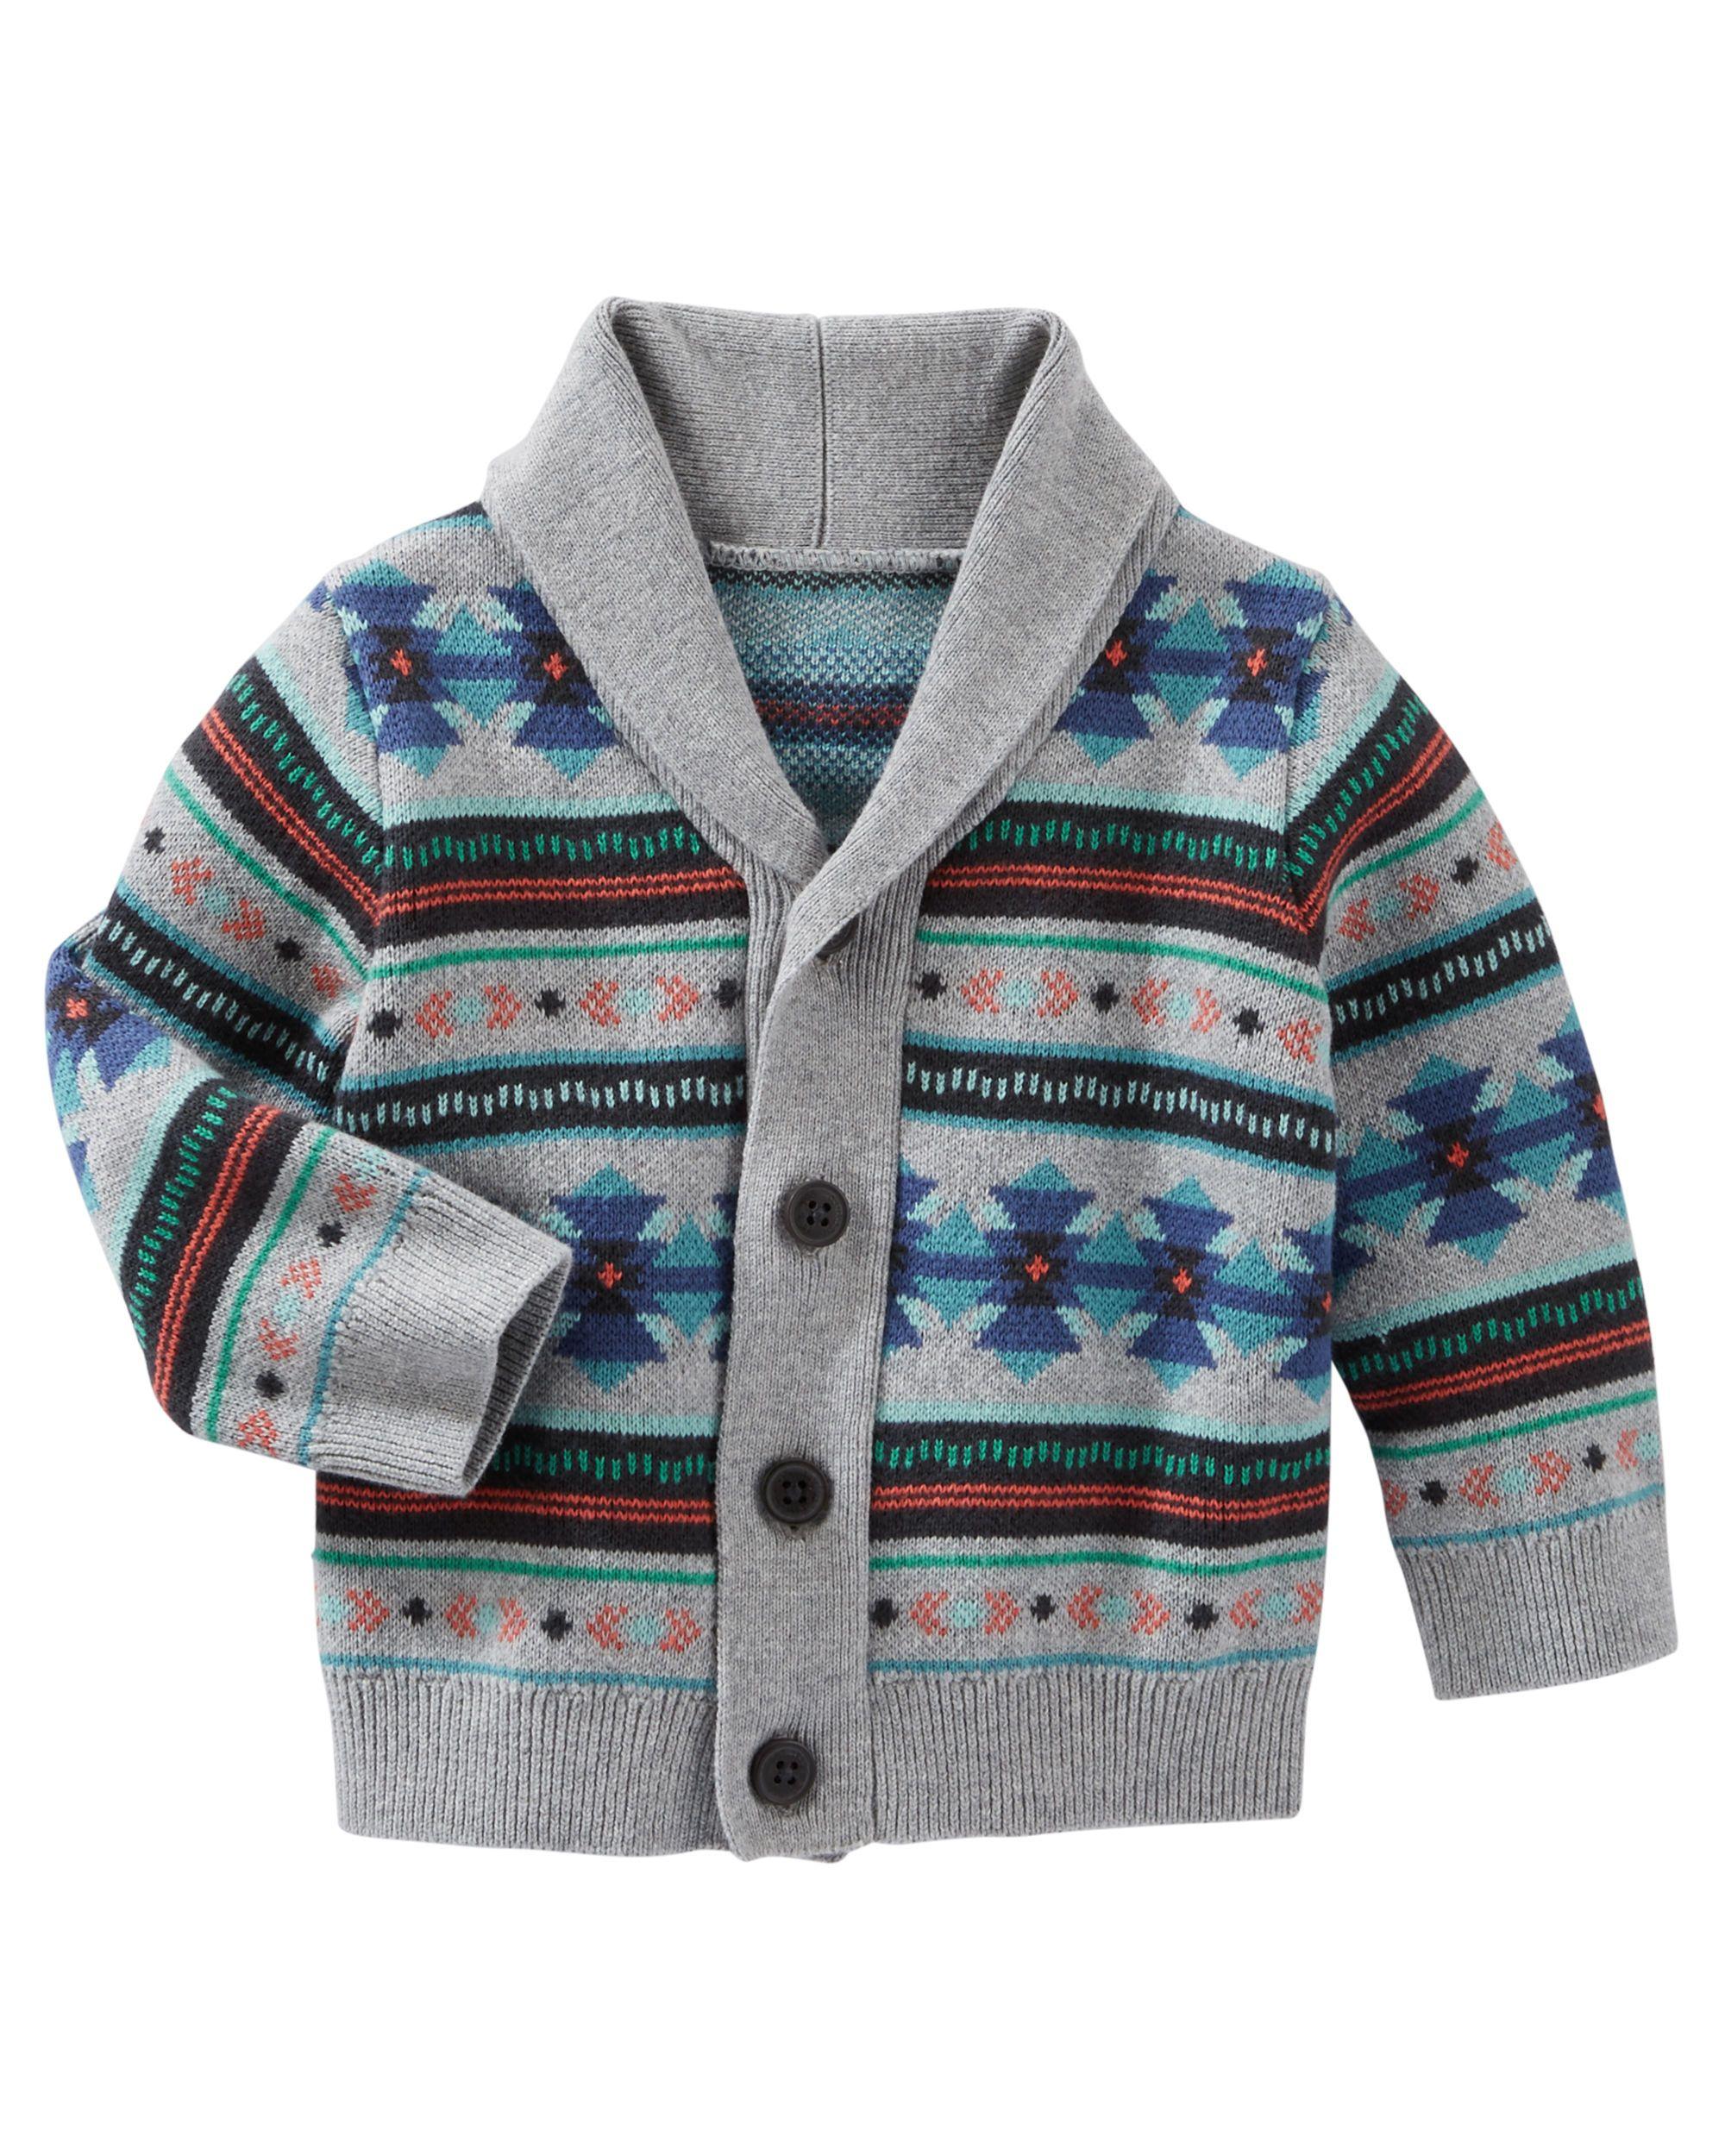 Fair Isle Shawl Collar Cardigan | Shawl collar cardigan, Boys and ...